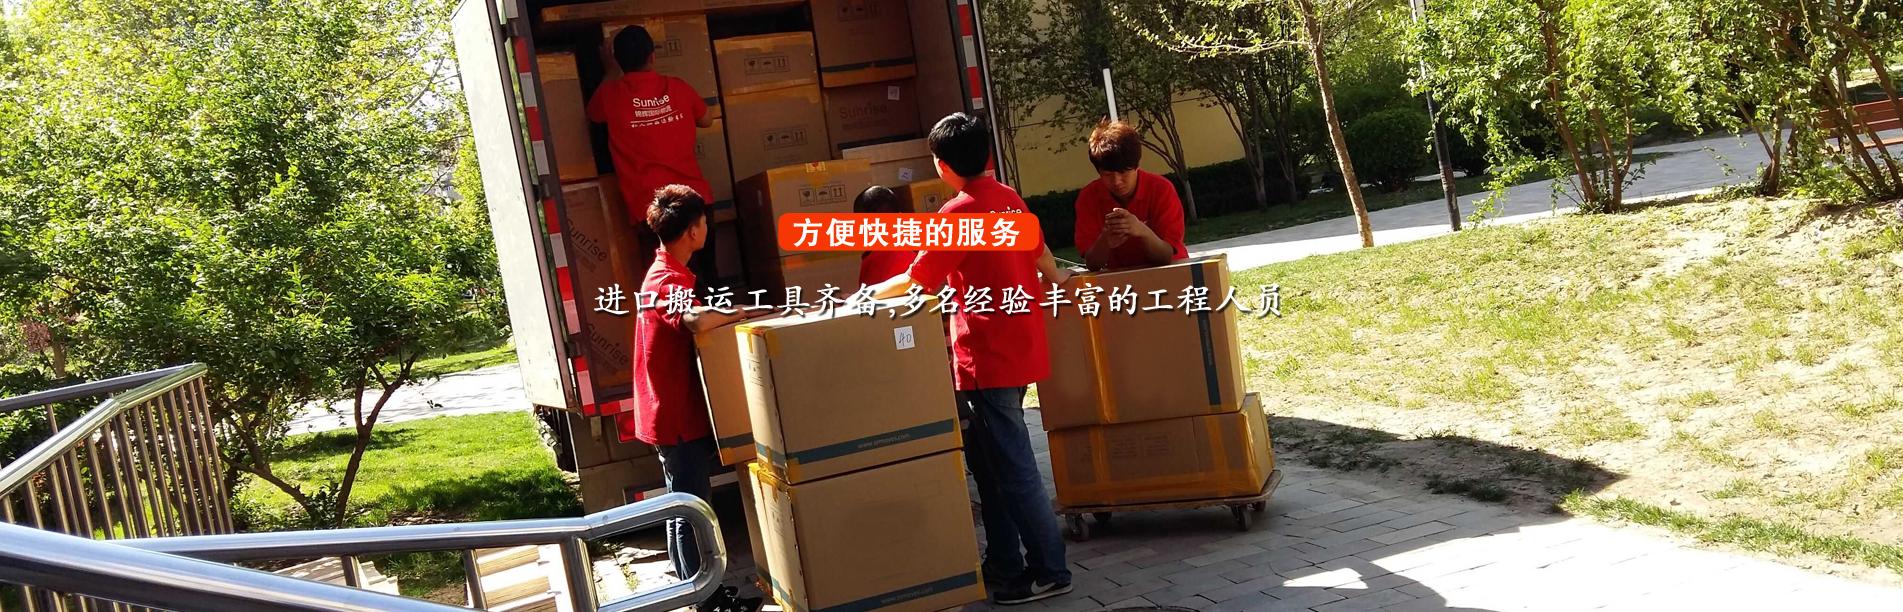 上海民家搬场服务有限公司